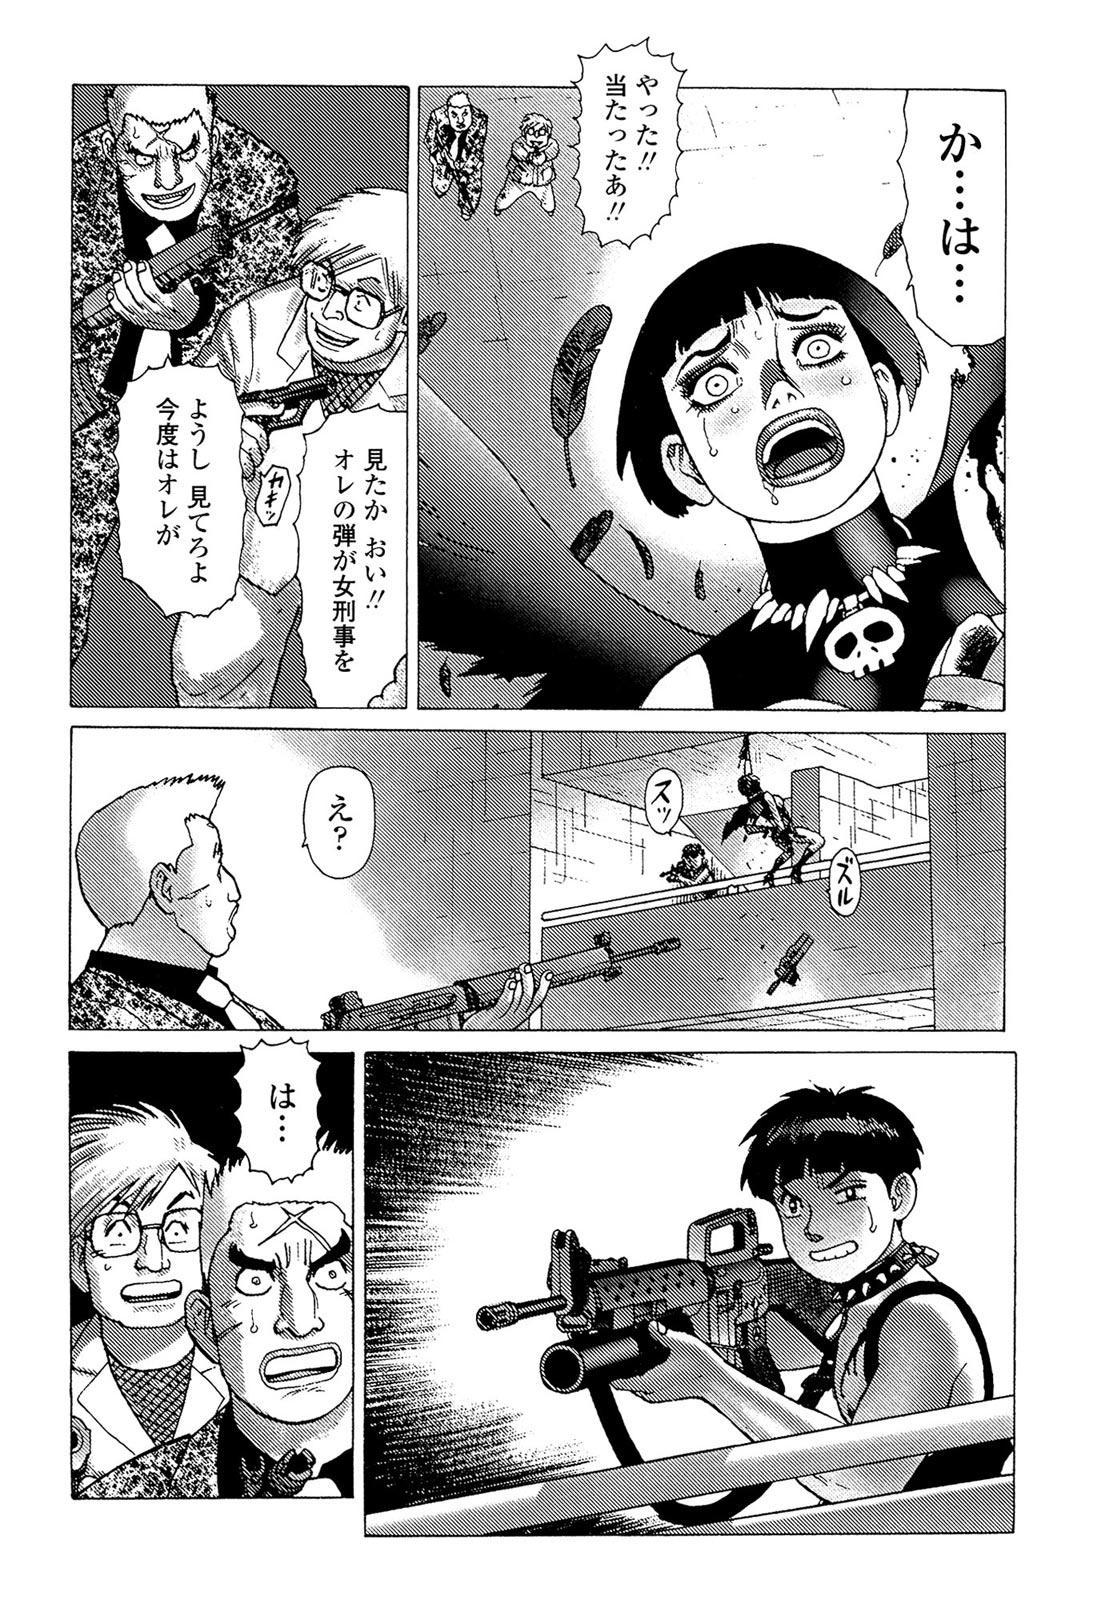 Ammo Vol 5 159